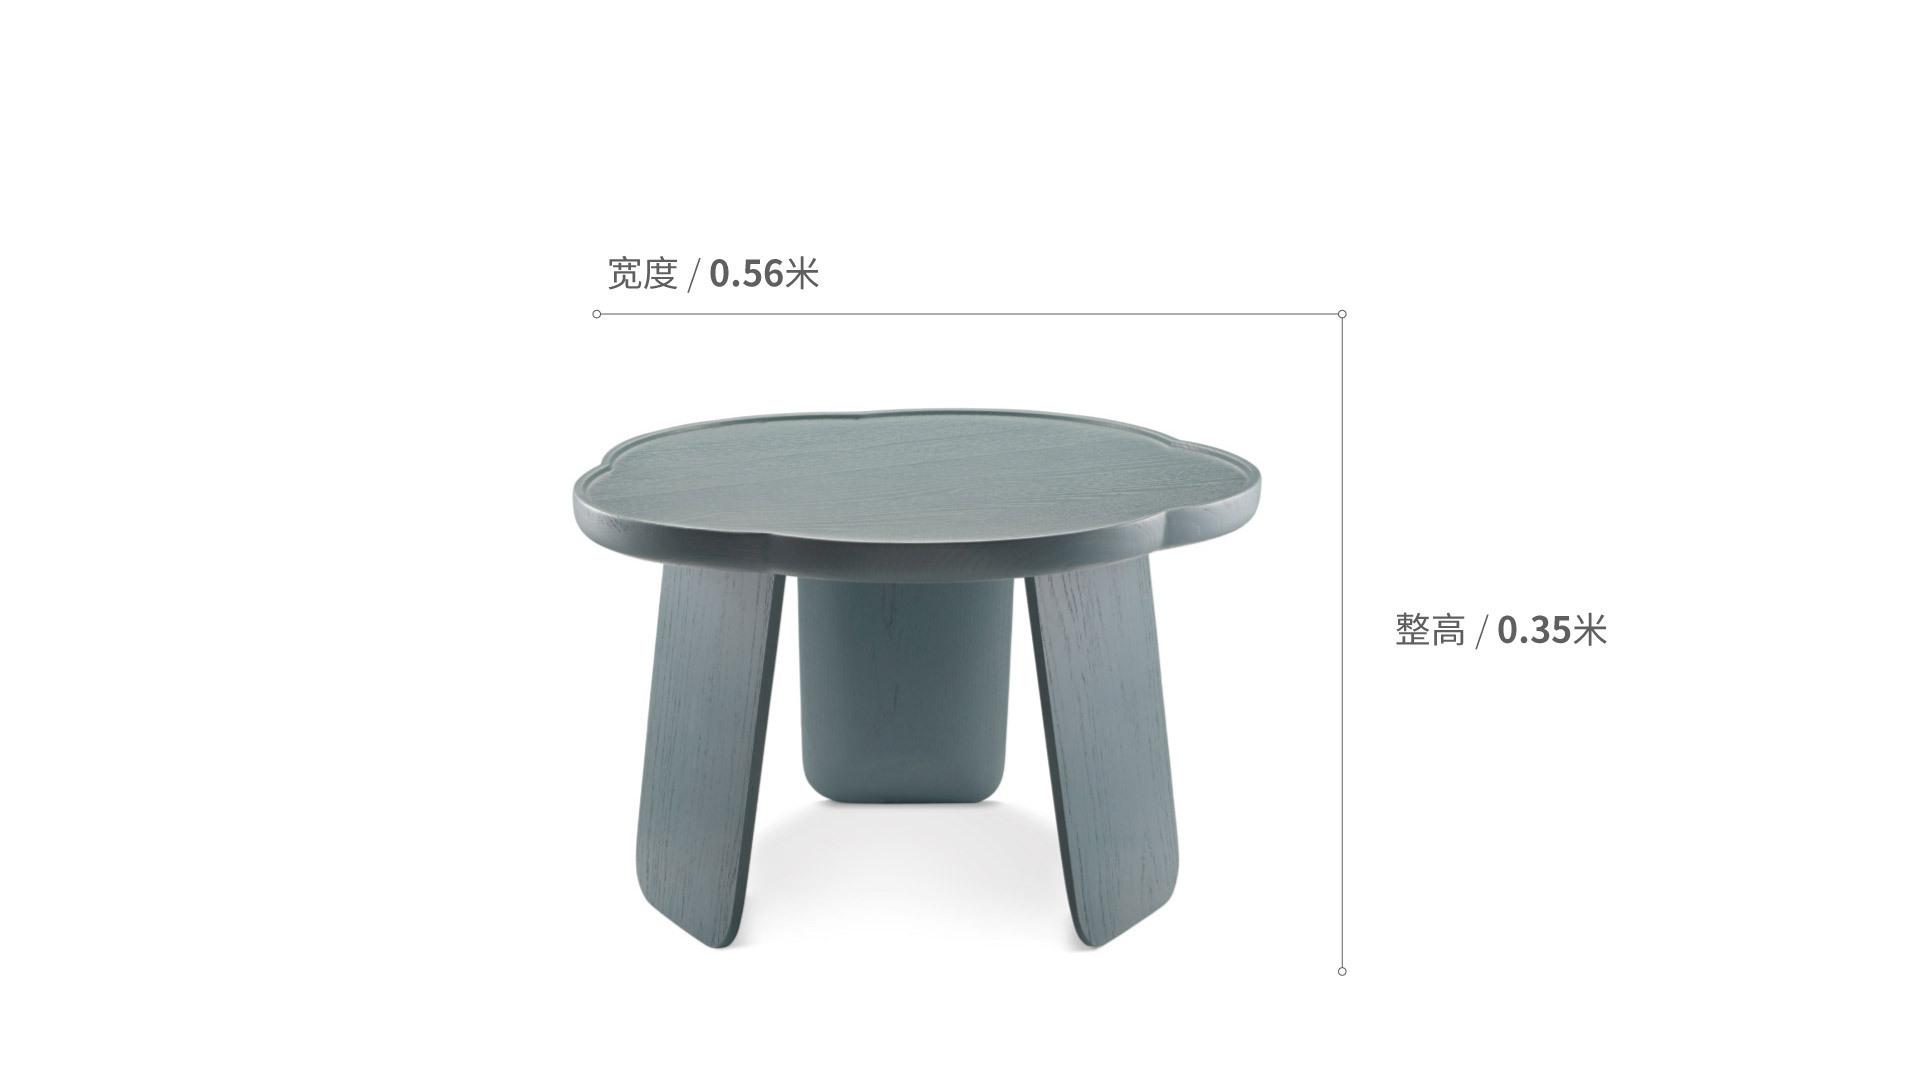 造作花间实木小桌™矮桌(五叶款)柜架效果图